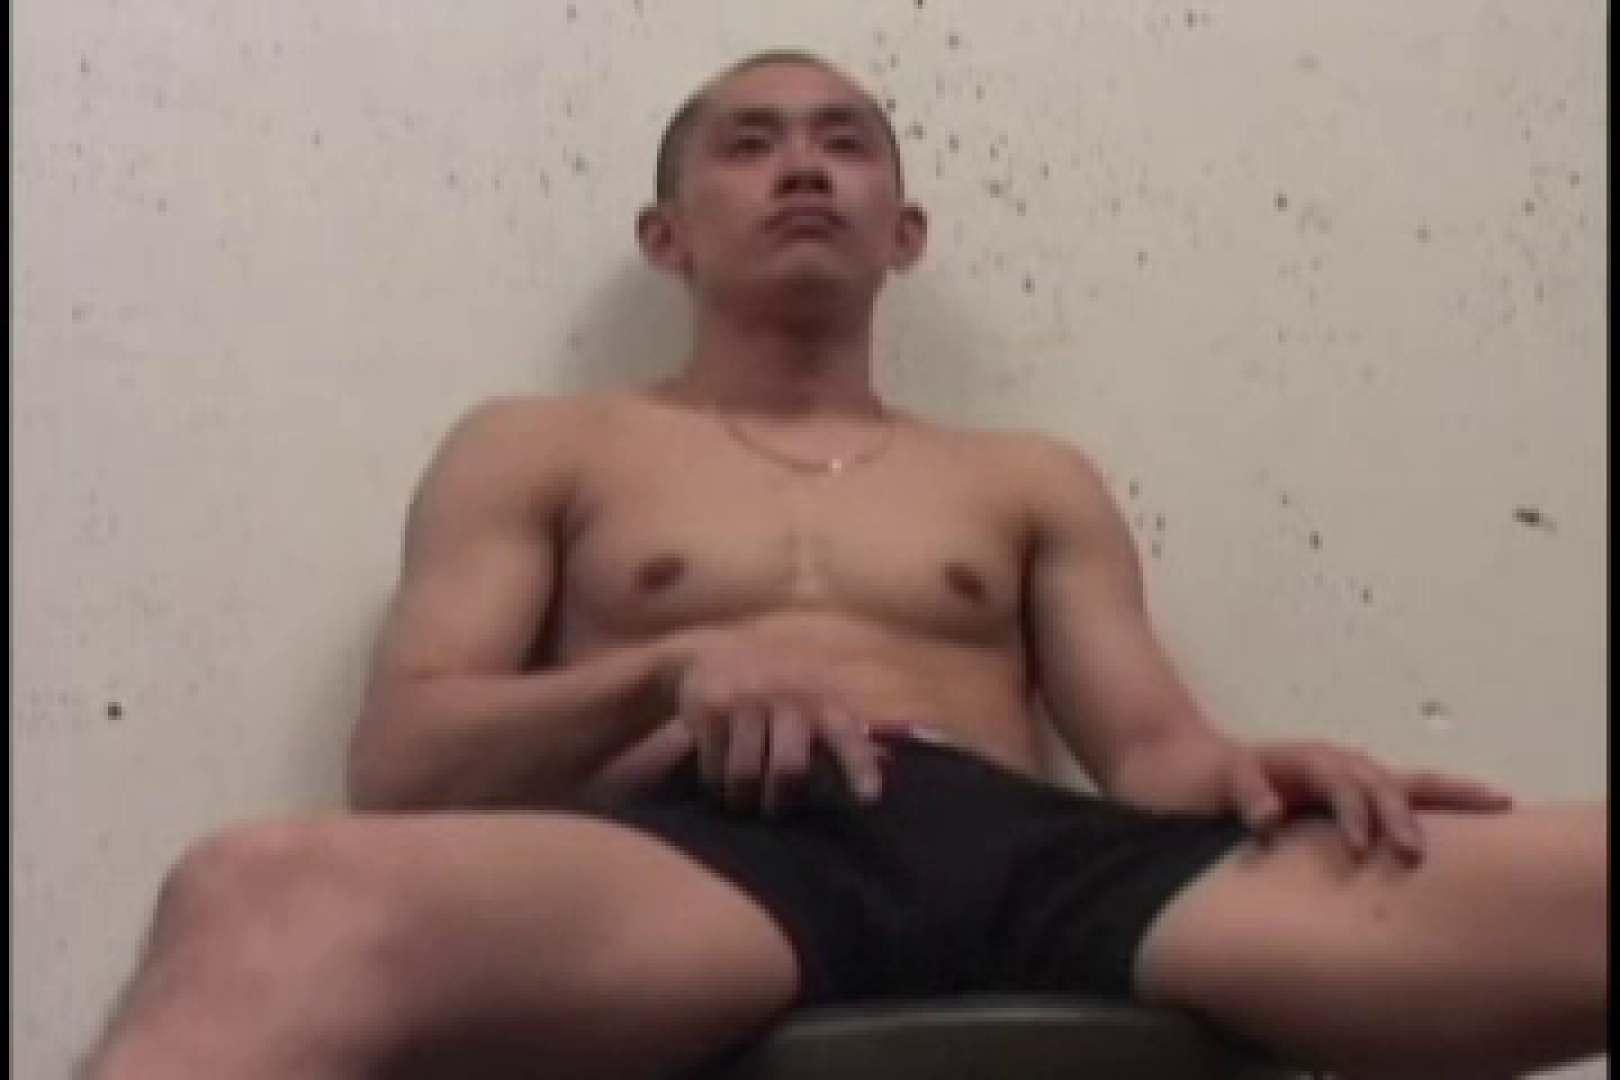 スリ筋!!スポメンのDANKON最高!!take.02 フェラ ゲイ素人エロ画像 90枚 42